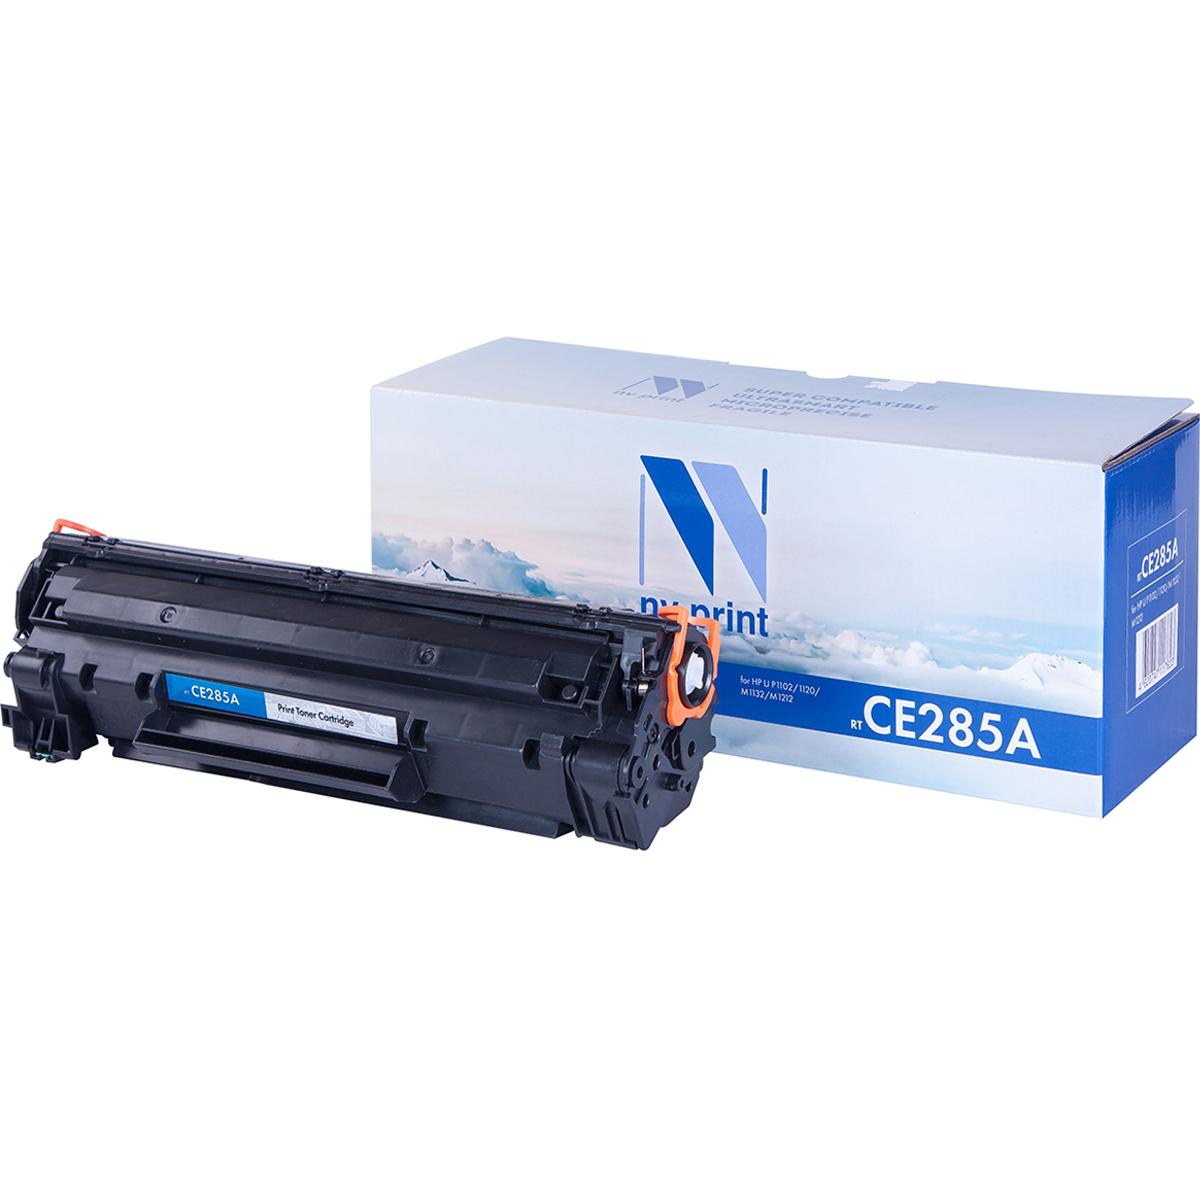 Тонер-картридж NV Print NV-CE285A, черный, для лазерного принтера, совместимый